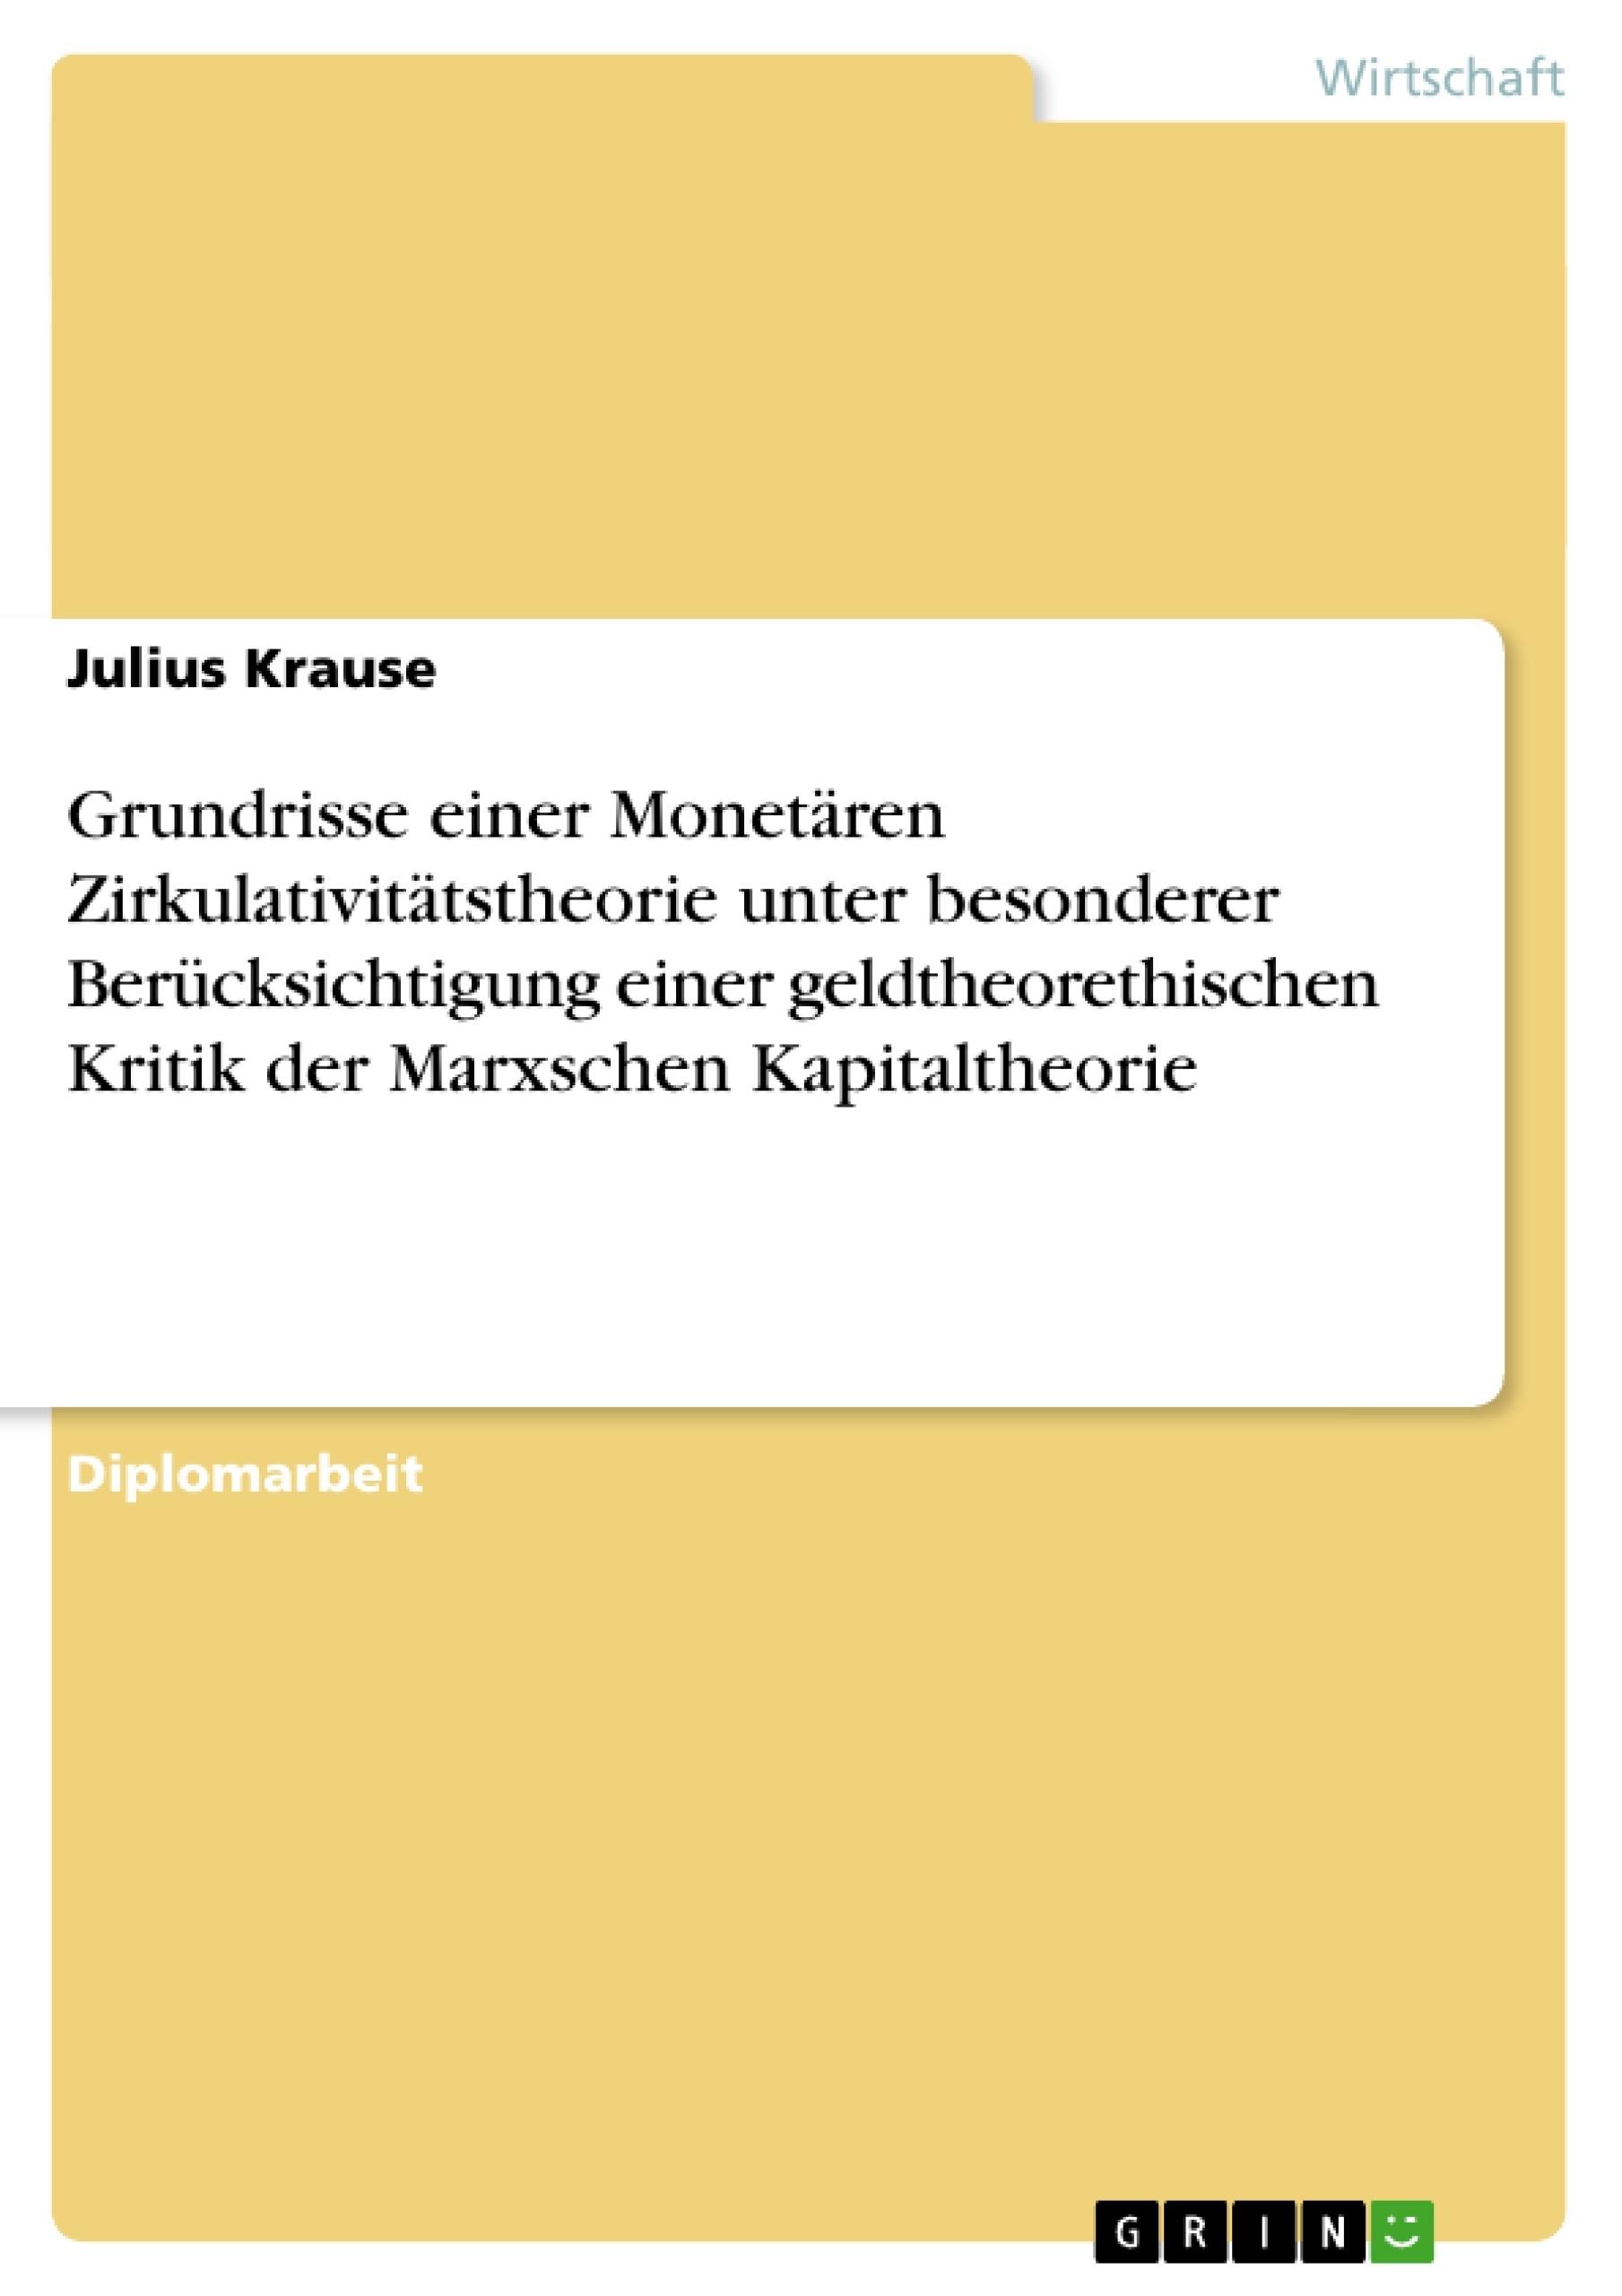 Titel: Grundrisse einer Monetären Zirkulativitätstheorie unter besonderer Berücksichtigung einer geldtheorethischen Kritik der Marxschen Kapitaltheorie